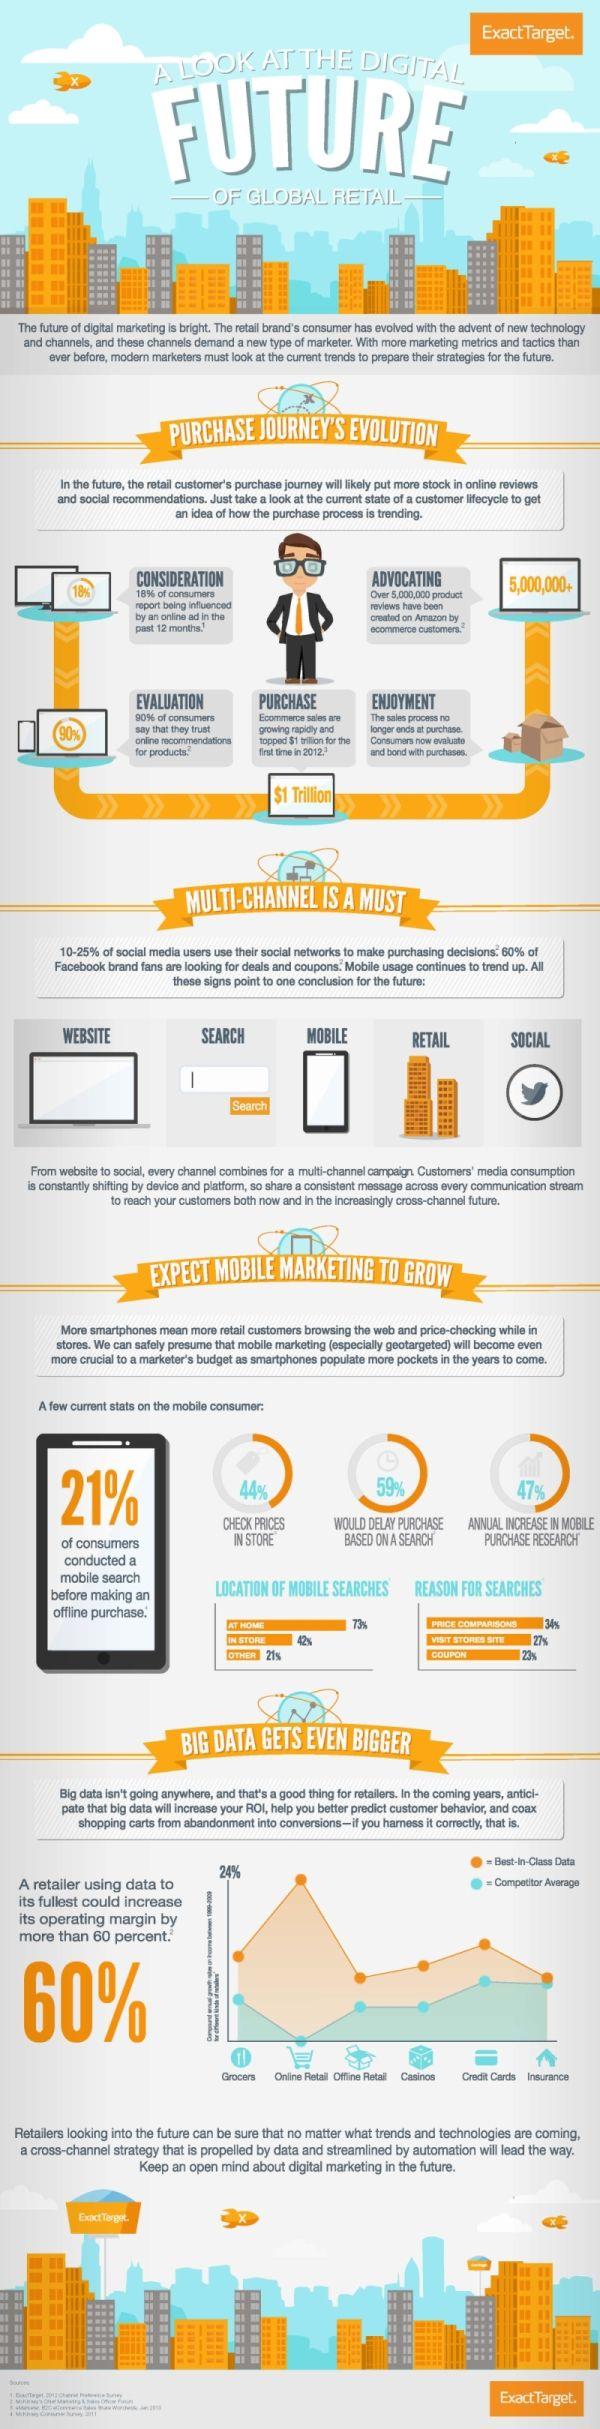 Die digitale Zukunft des Einzelhandels